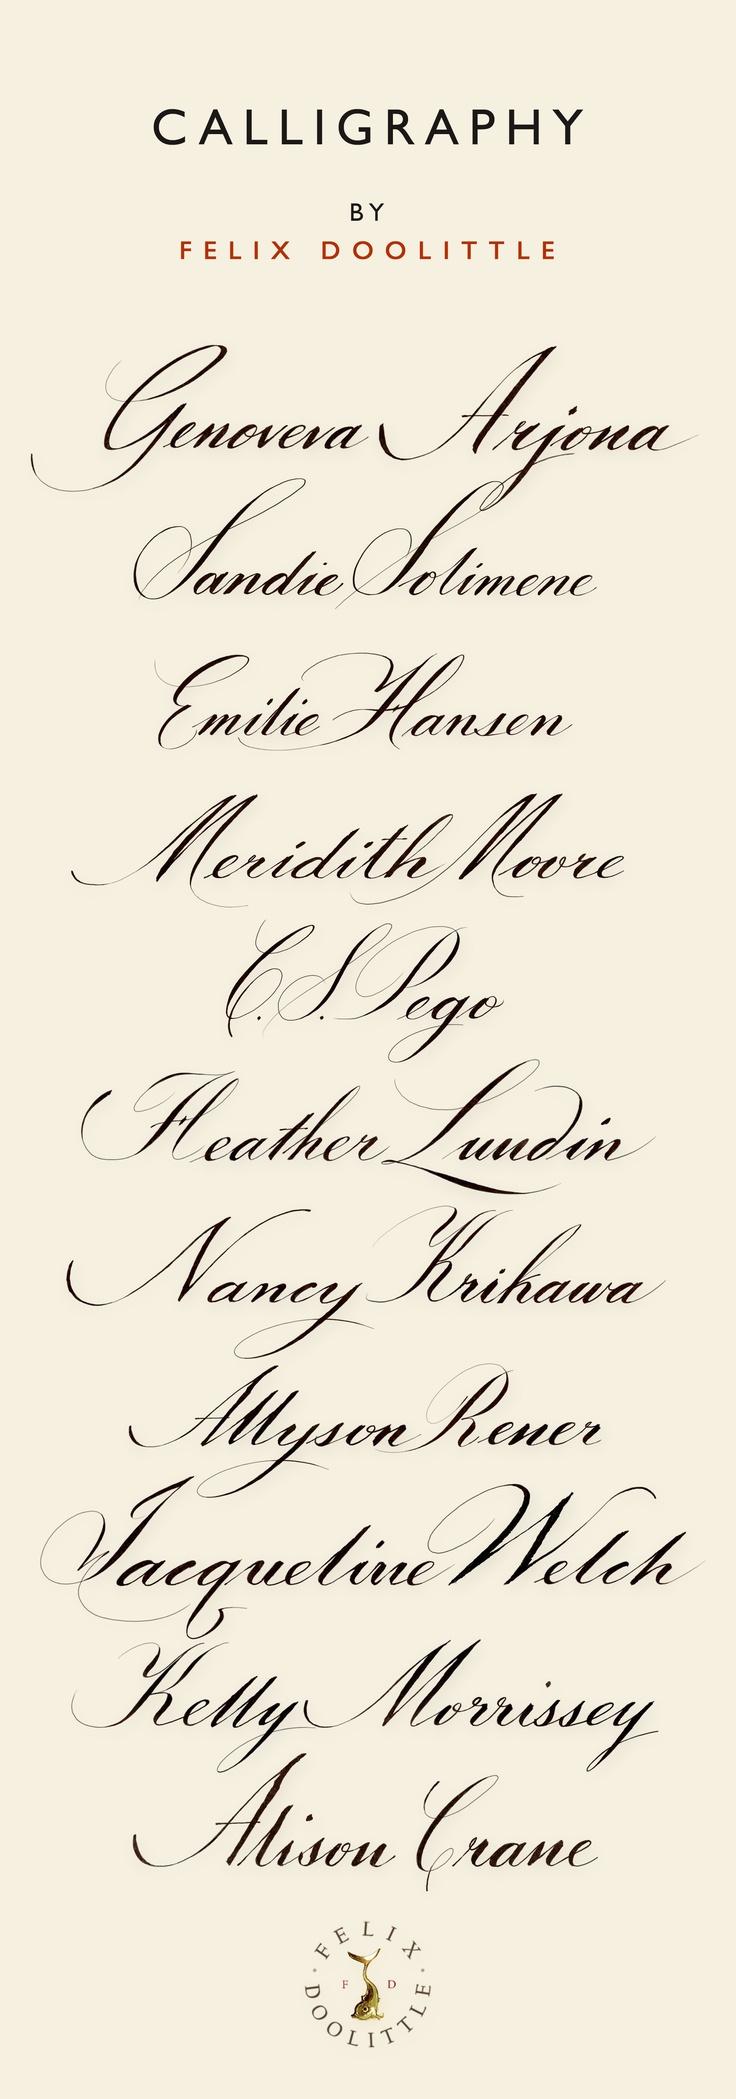 Calligraphy by Felix Doolittle